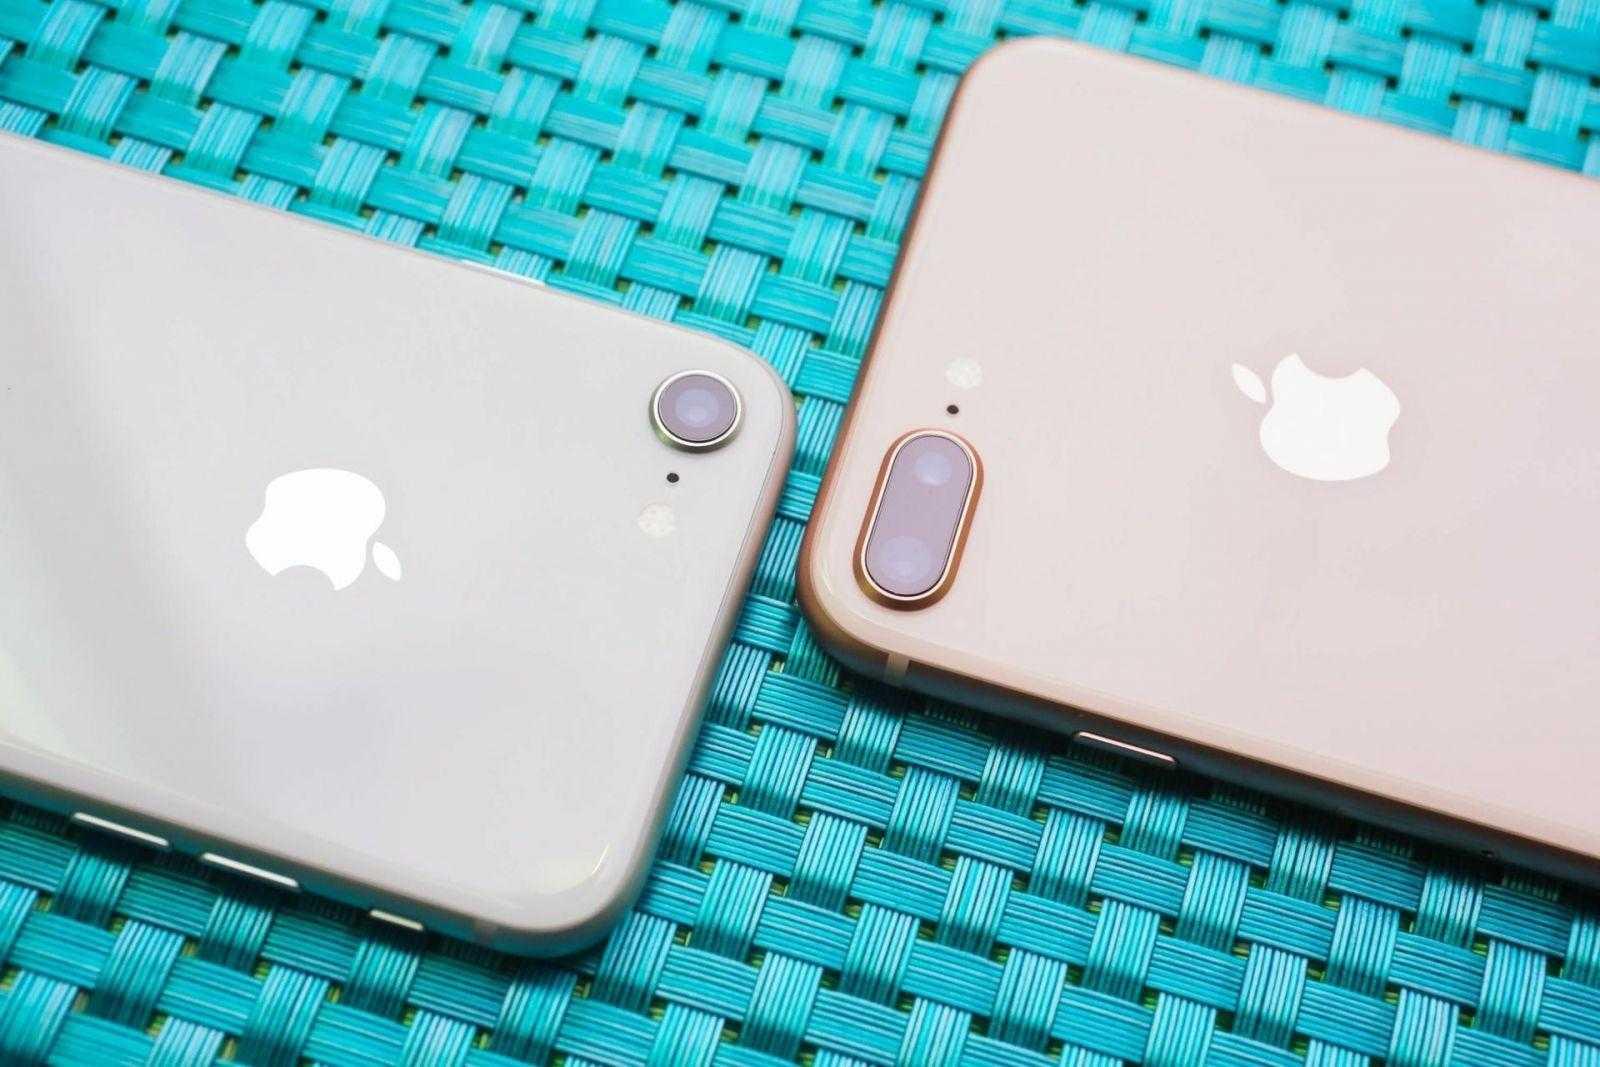 Аналитик: Samsung будет поставлять 5G-модемы для Apple вместе с Qualcomm (iphone 8 plus 35)